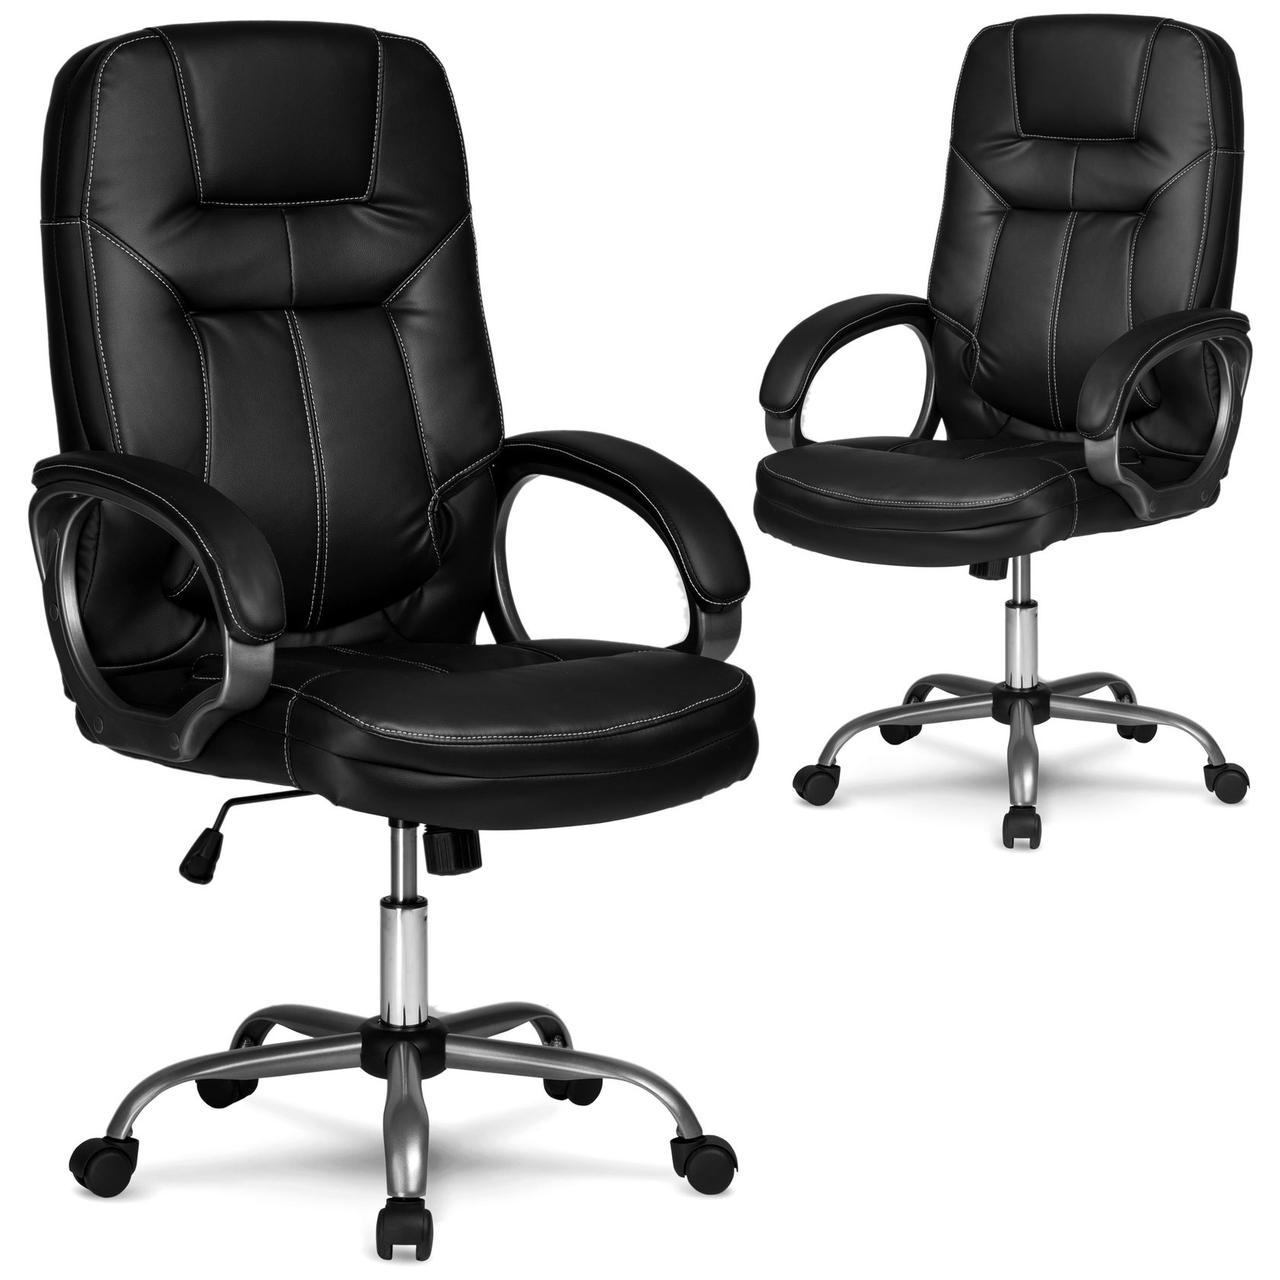 Офісне комп'ютерне крісло Sofotel EAGO 355 чорне Навантаження 120 кг